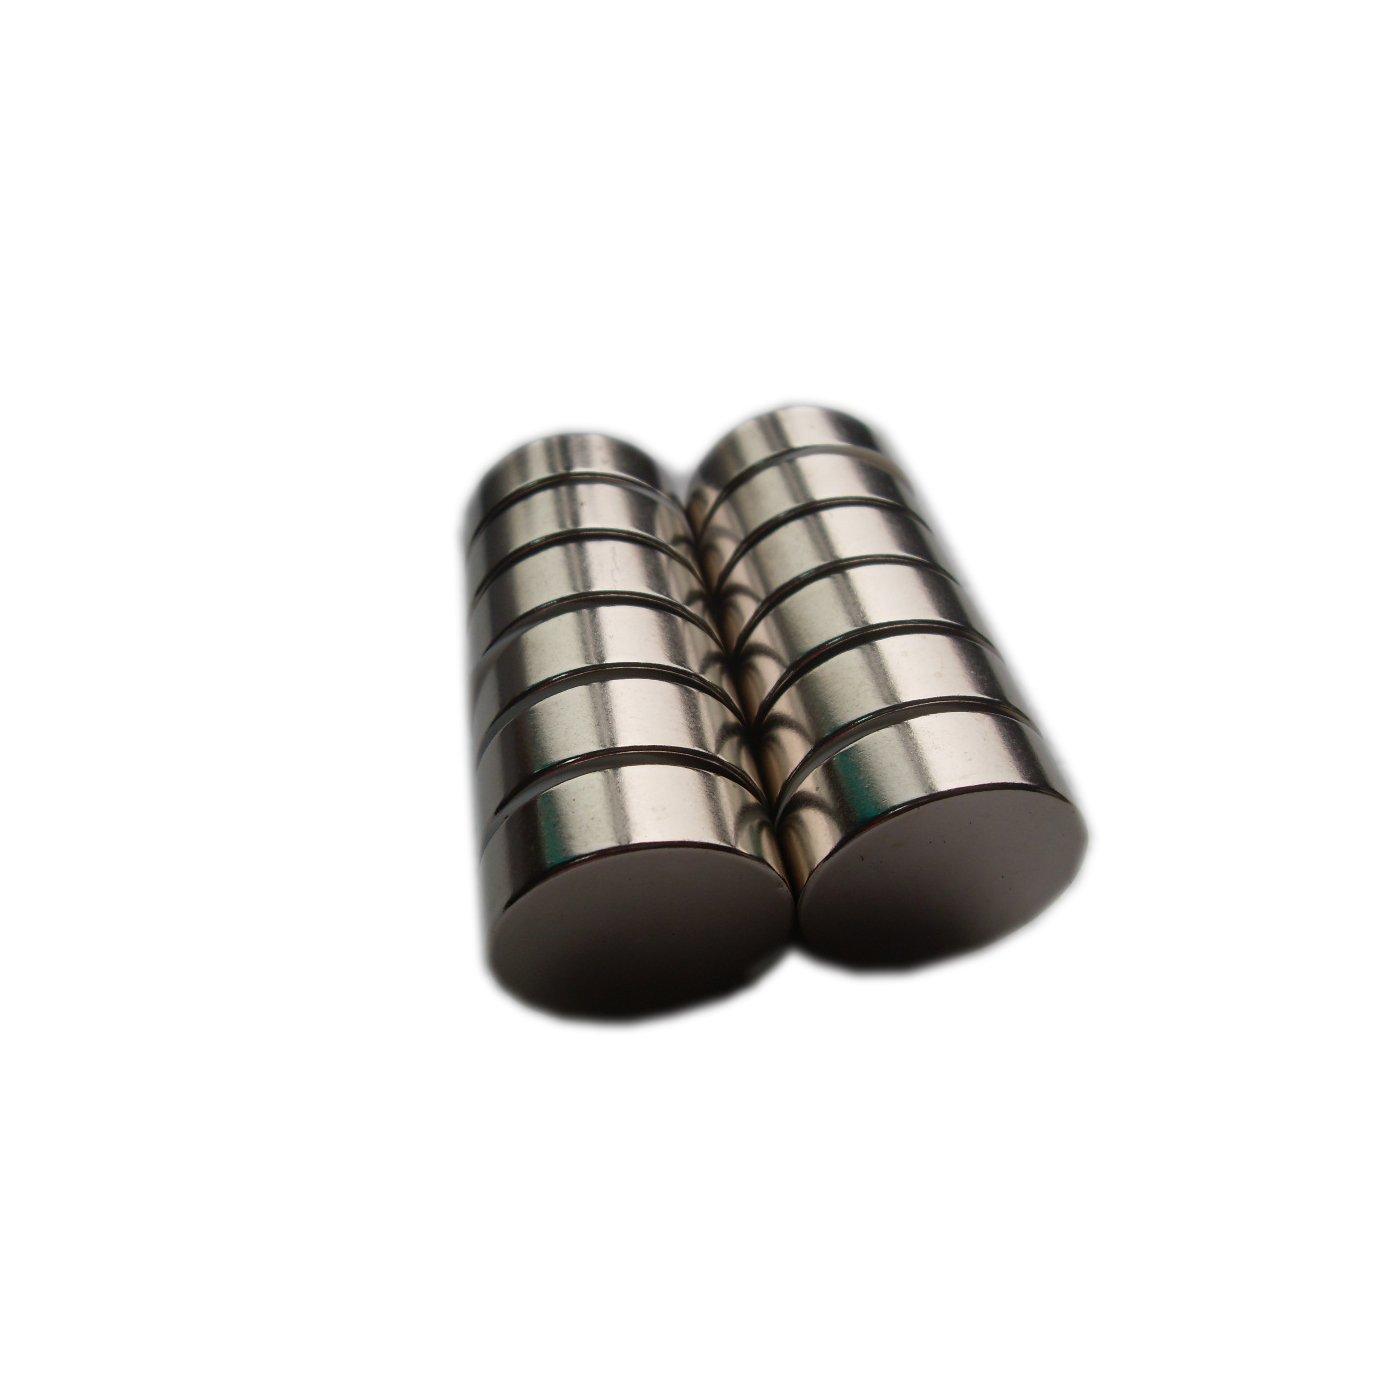 Magneti rari in neodimio N35, dischetti super resistenti 3x1mm, per modellini artigianali, confezione da 100 Big Bargain Store